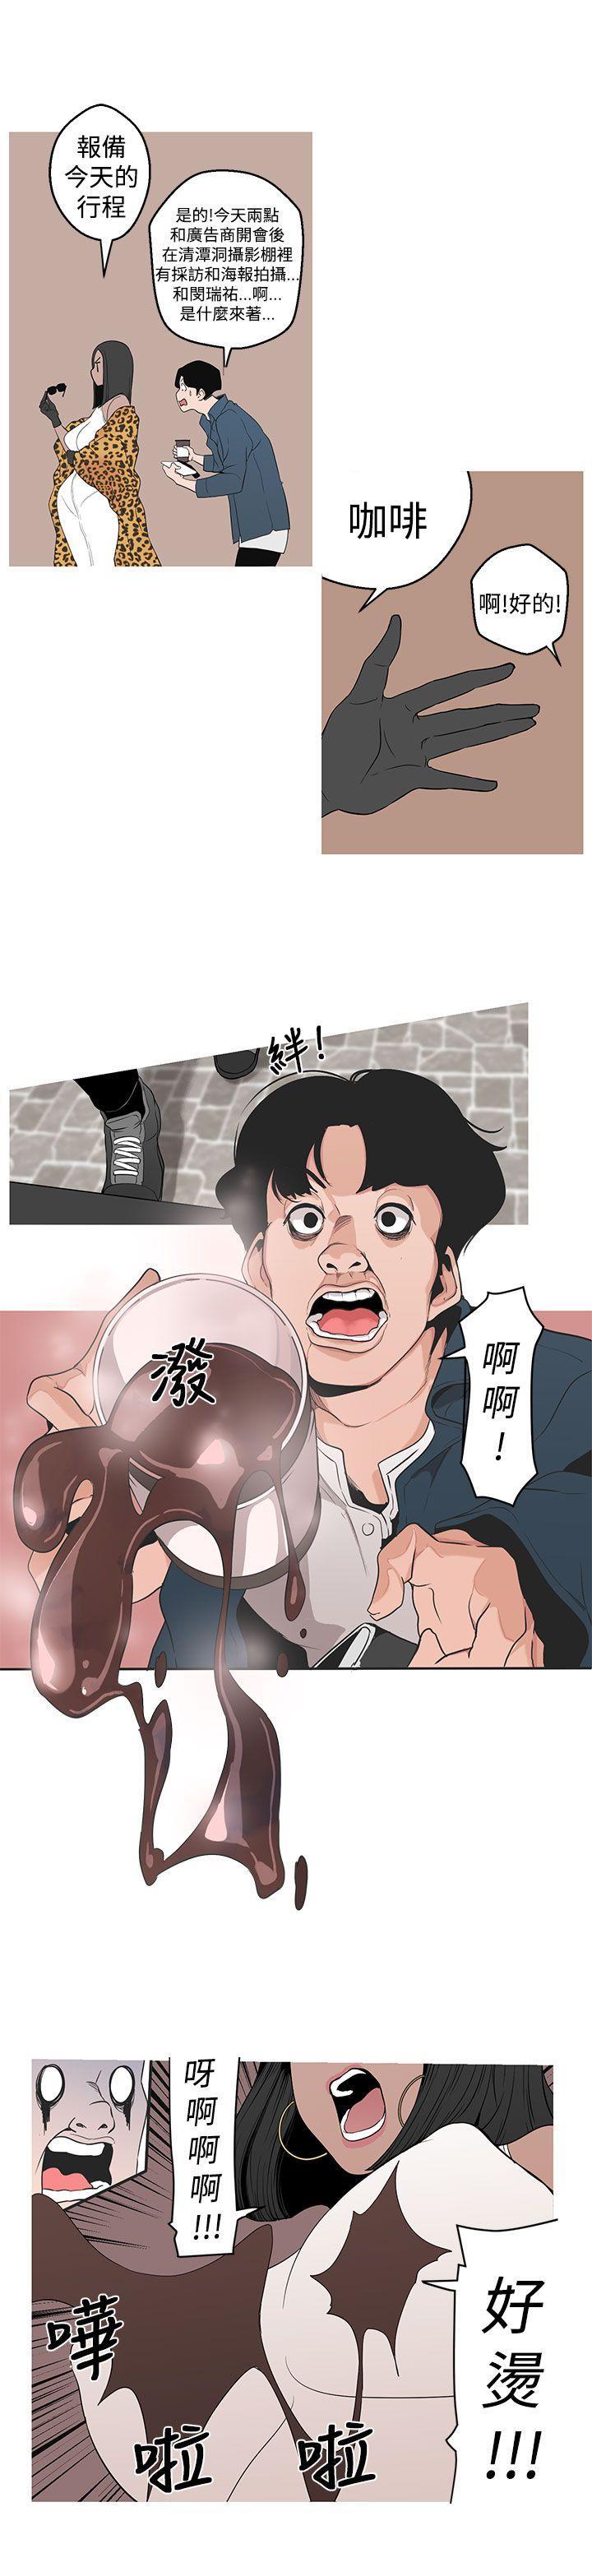 女神狩猎 第1~3話 [Chinese]中文 Harc 92